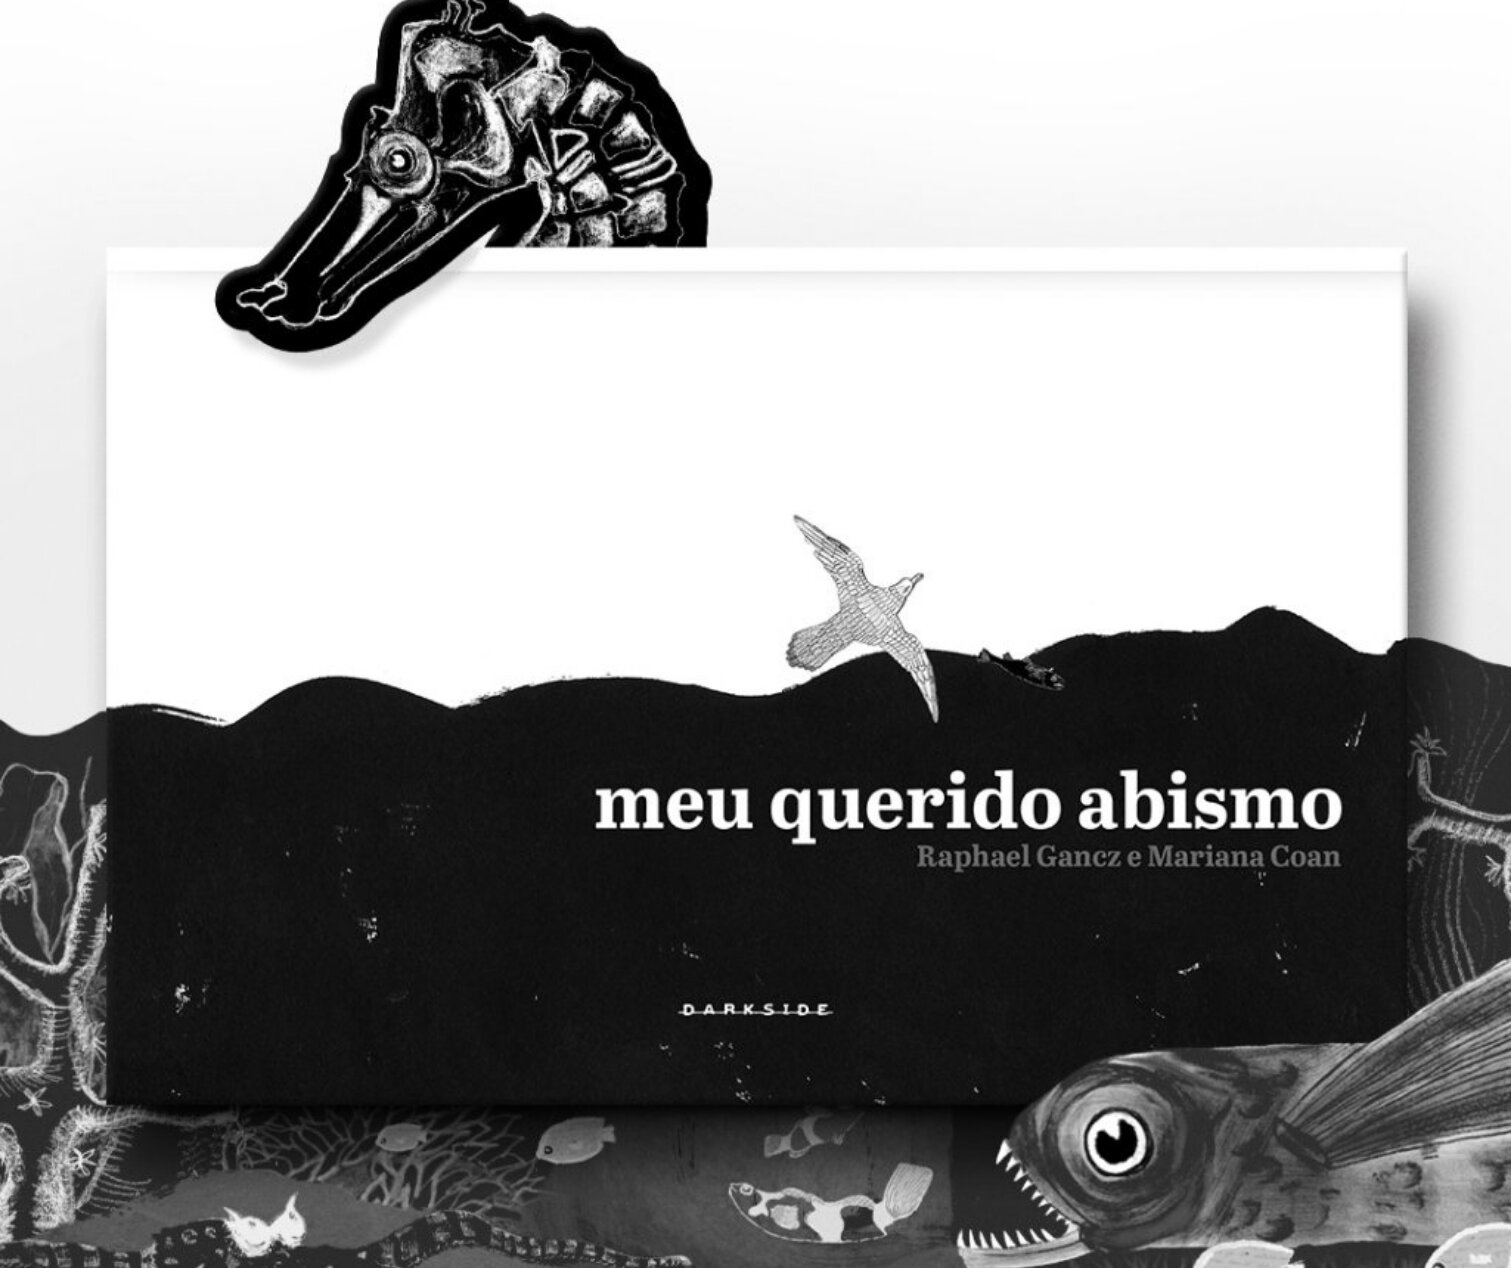 Resenha: Meu Querido Abismo, de Raphael Gancz e Mariana Coan